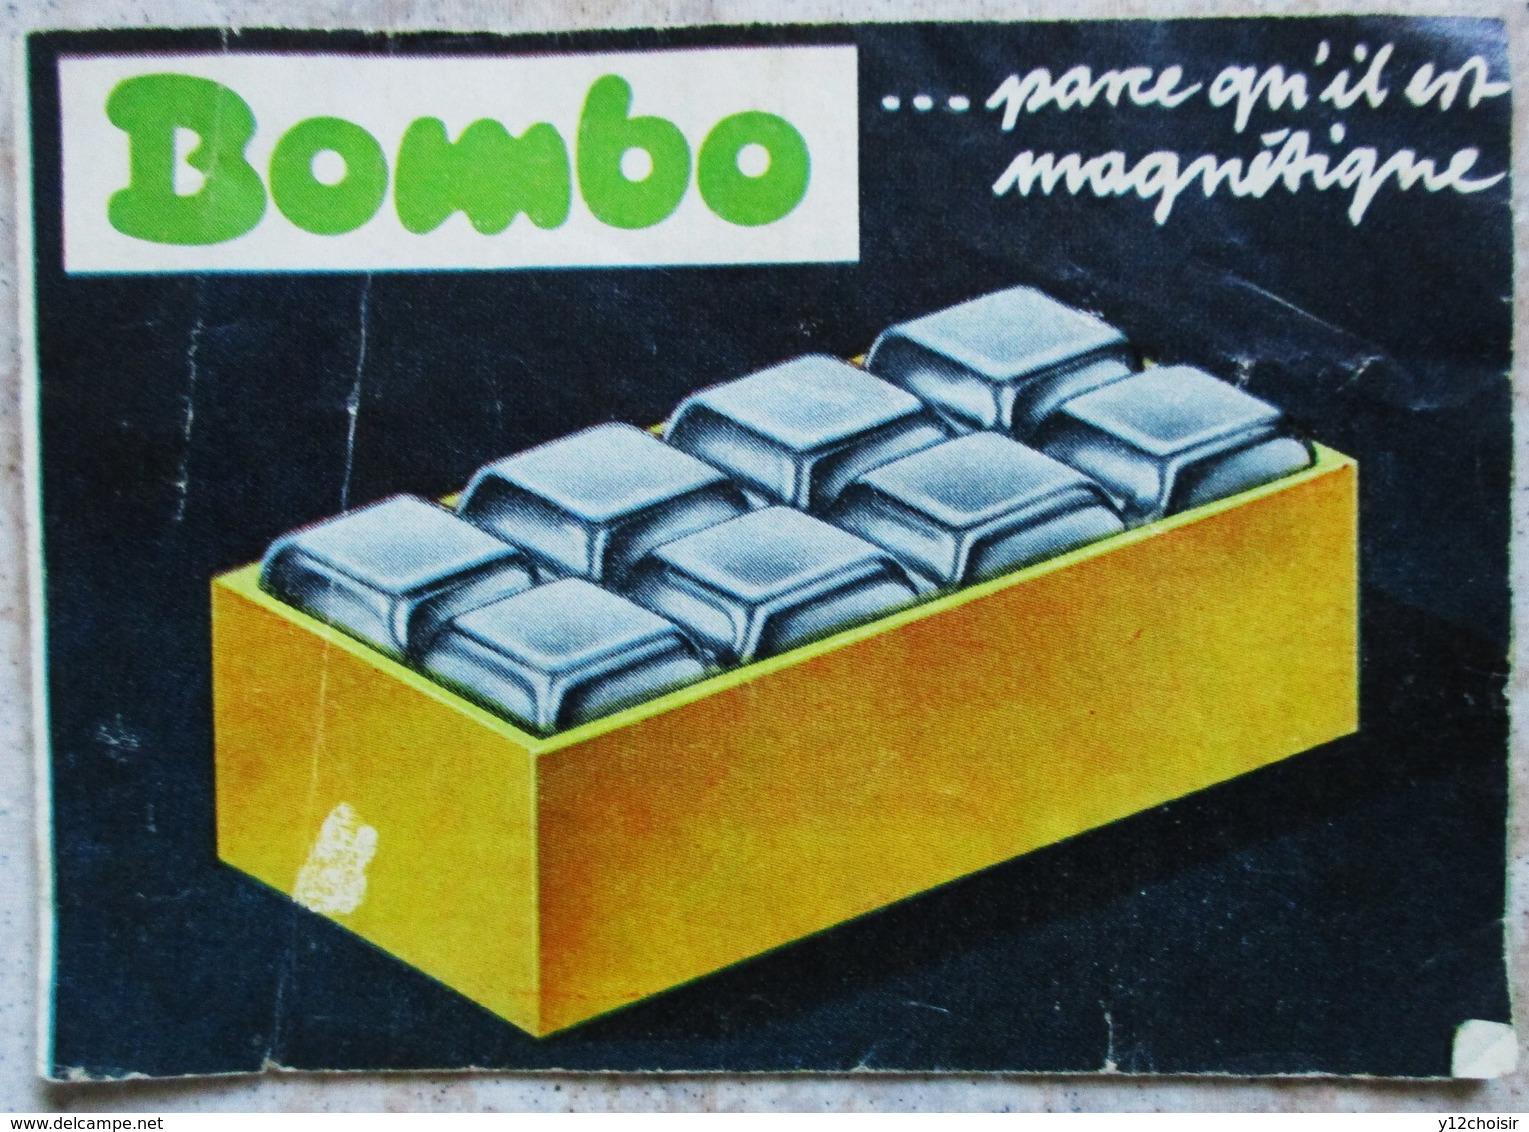 DEUX NOTICES JEUX DE CONSTRUCTION ANCIENS BOMBO PIERRES MAGNETIQUES - Other